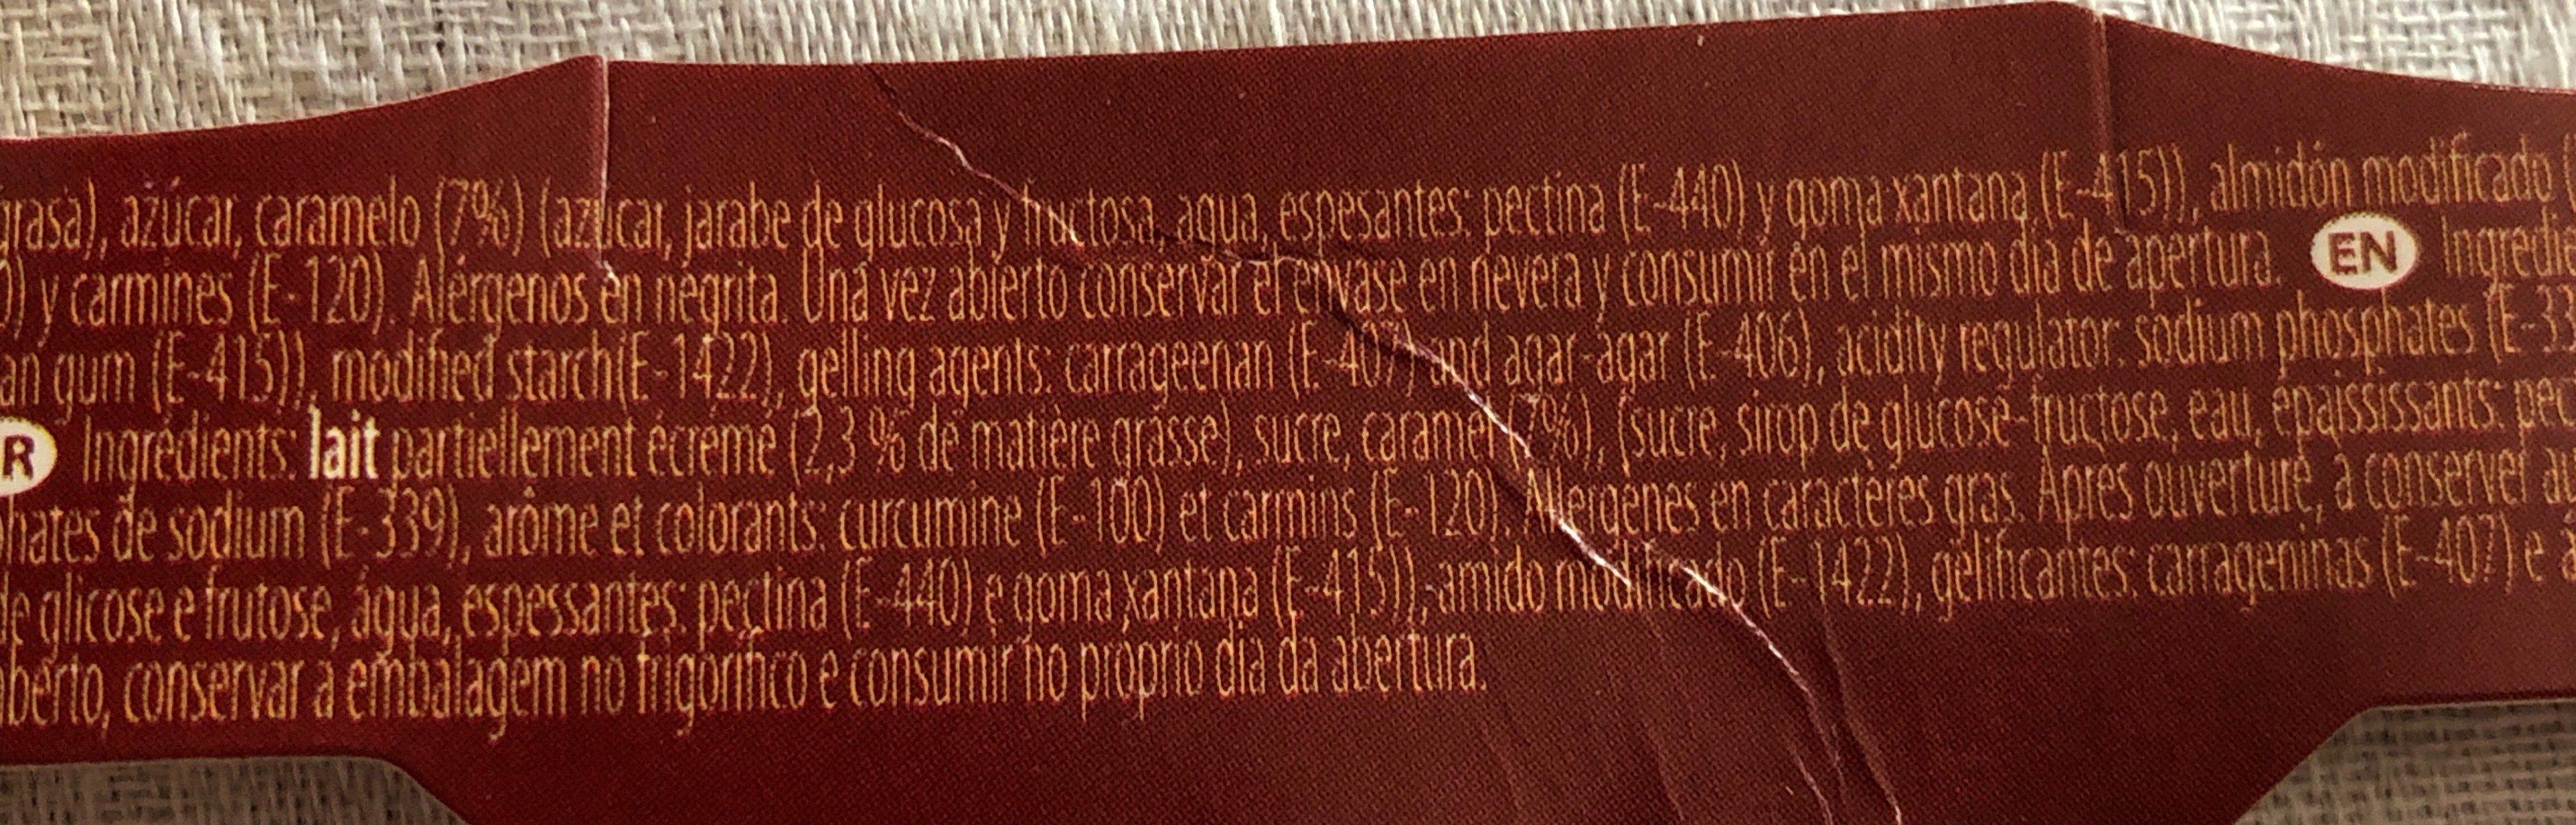 Flan creme caramel - Ingrédients - fr